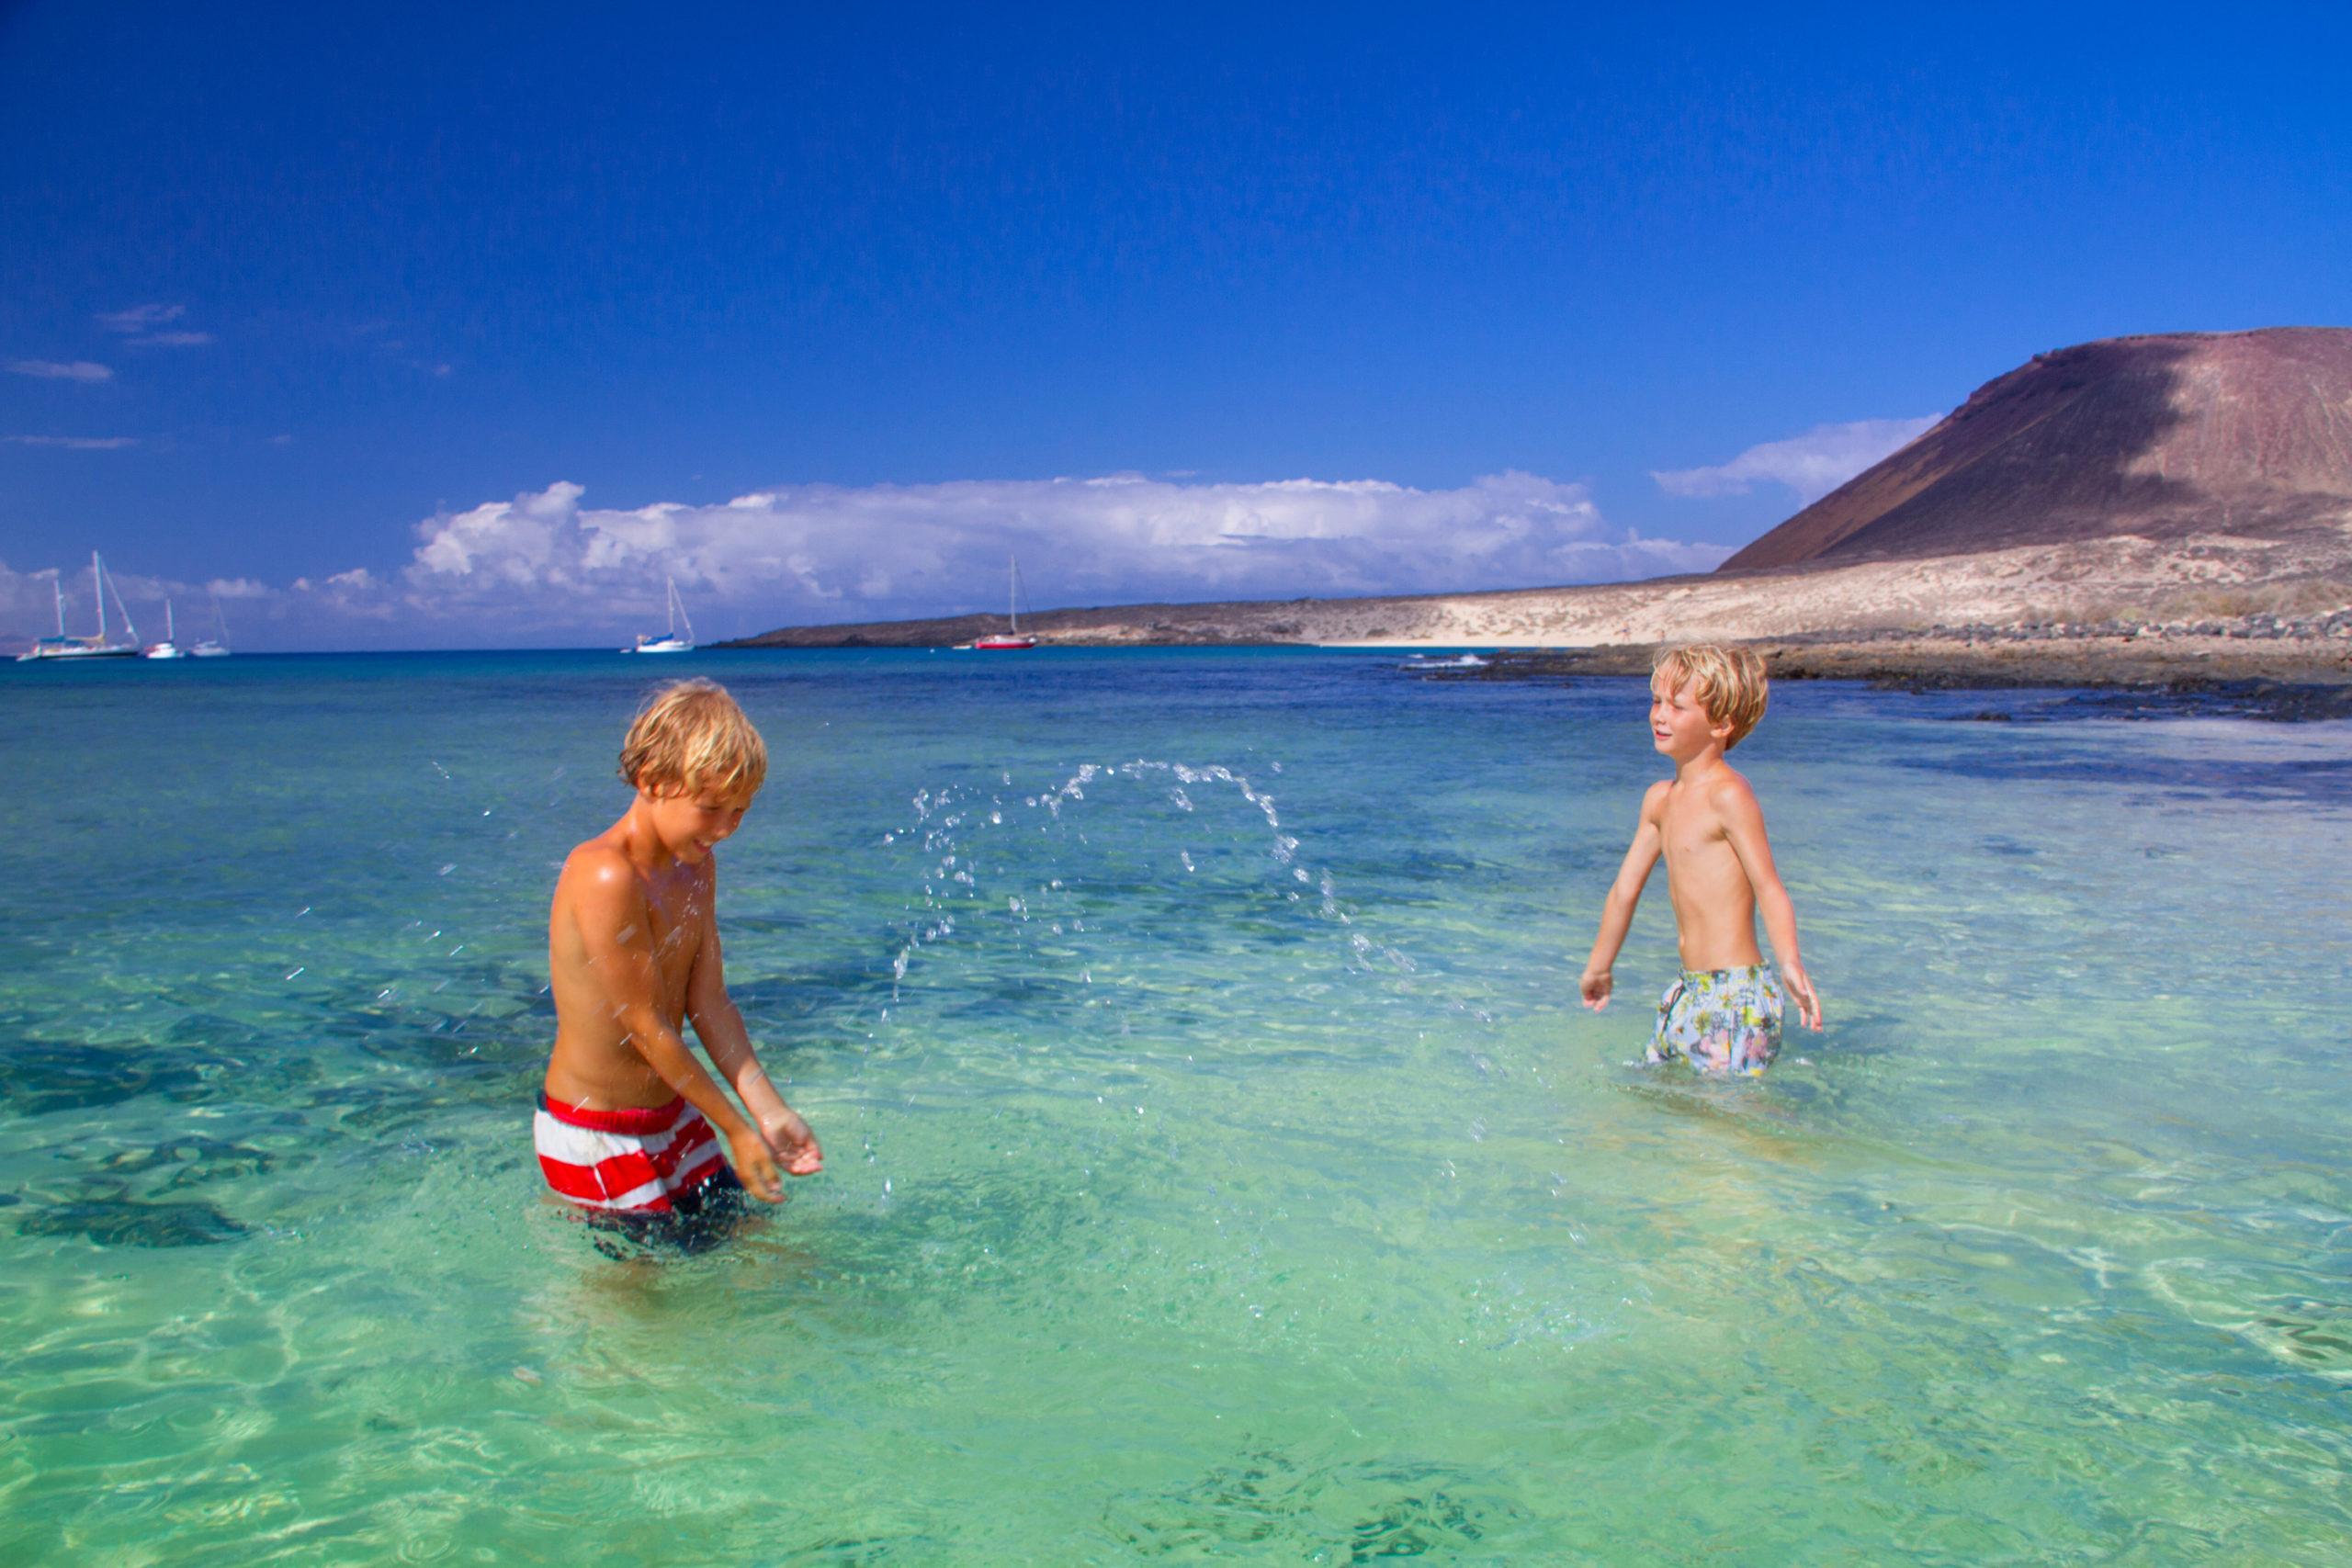 Kanári-szigetek-családi-nyaralás-pihenés-Tenerife-Gran-Canaria-Fuerteventura-2-scaled.jpg